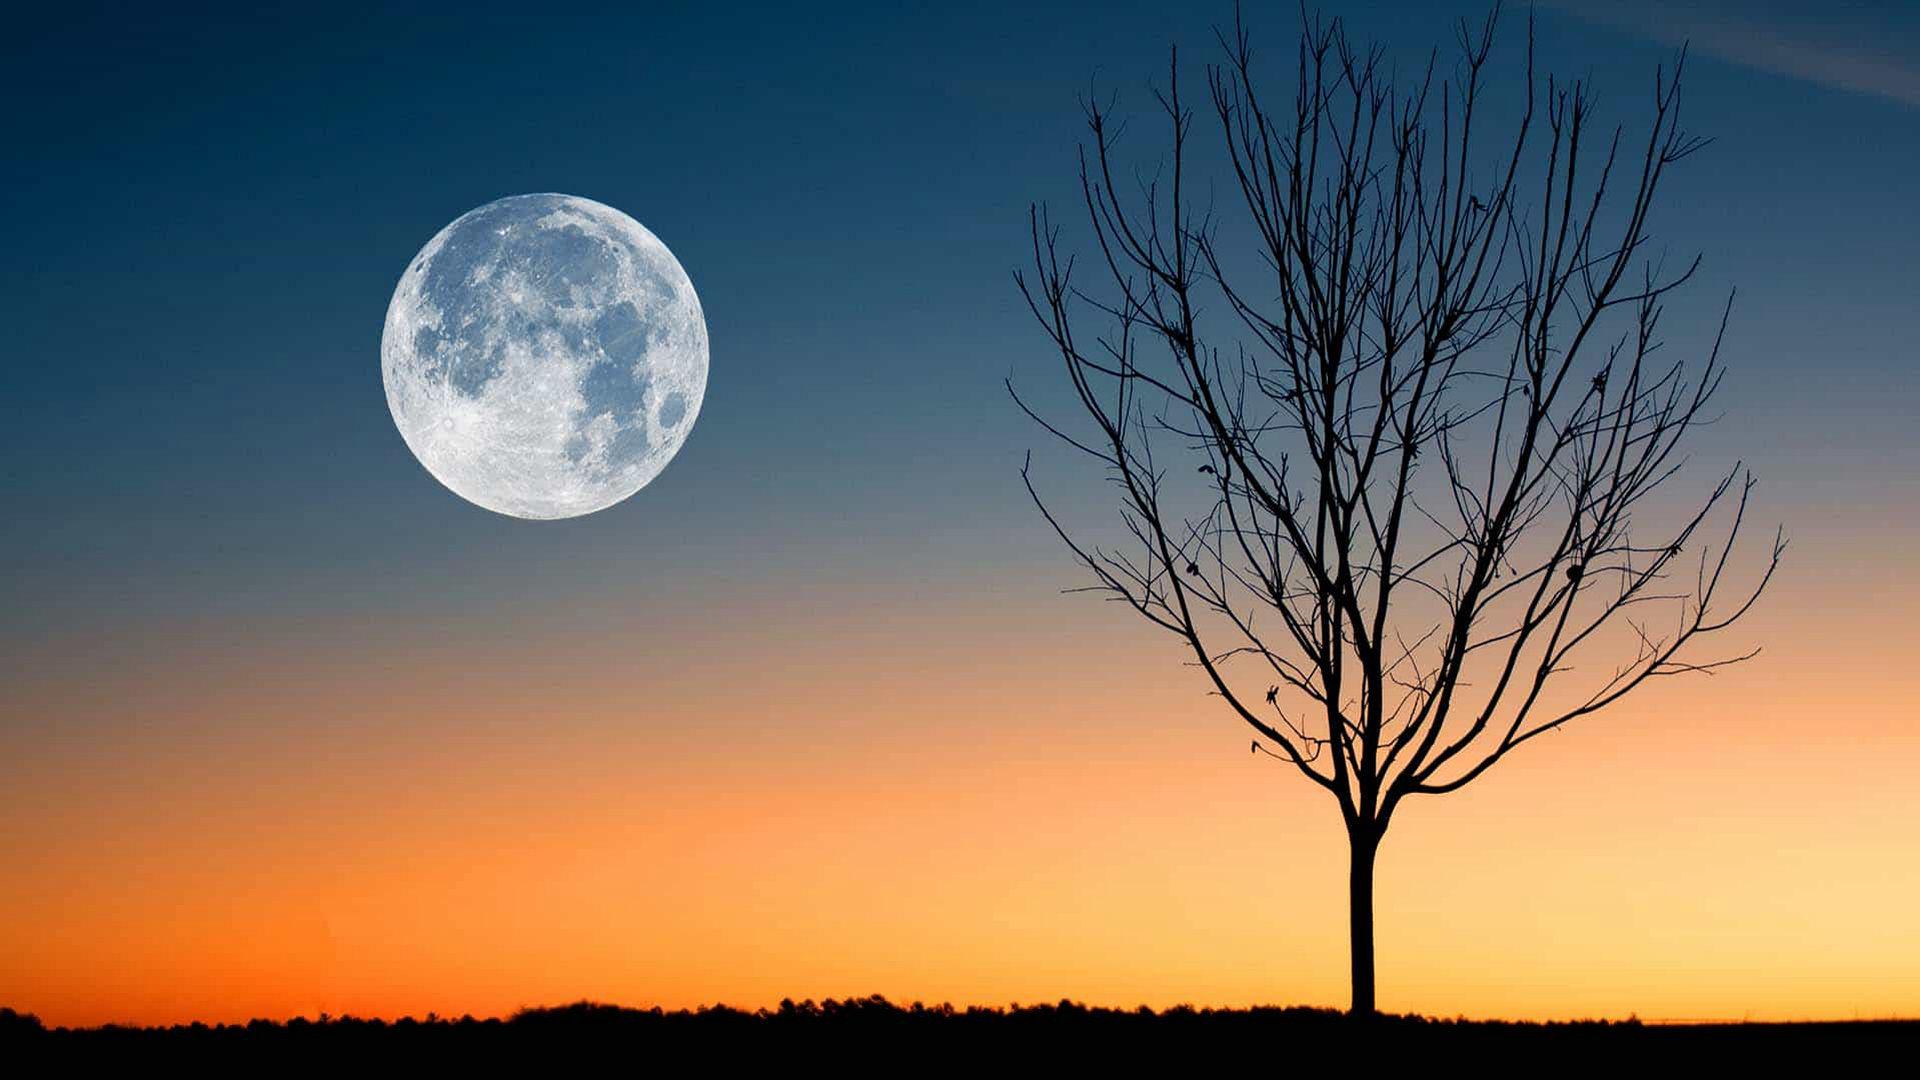 La Luna de Gusano: ¿La primera Superluna de 2021?